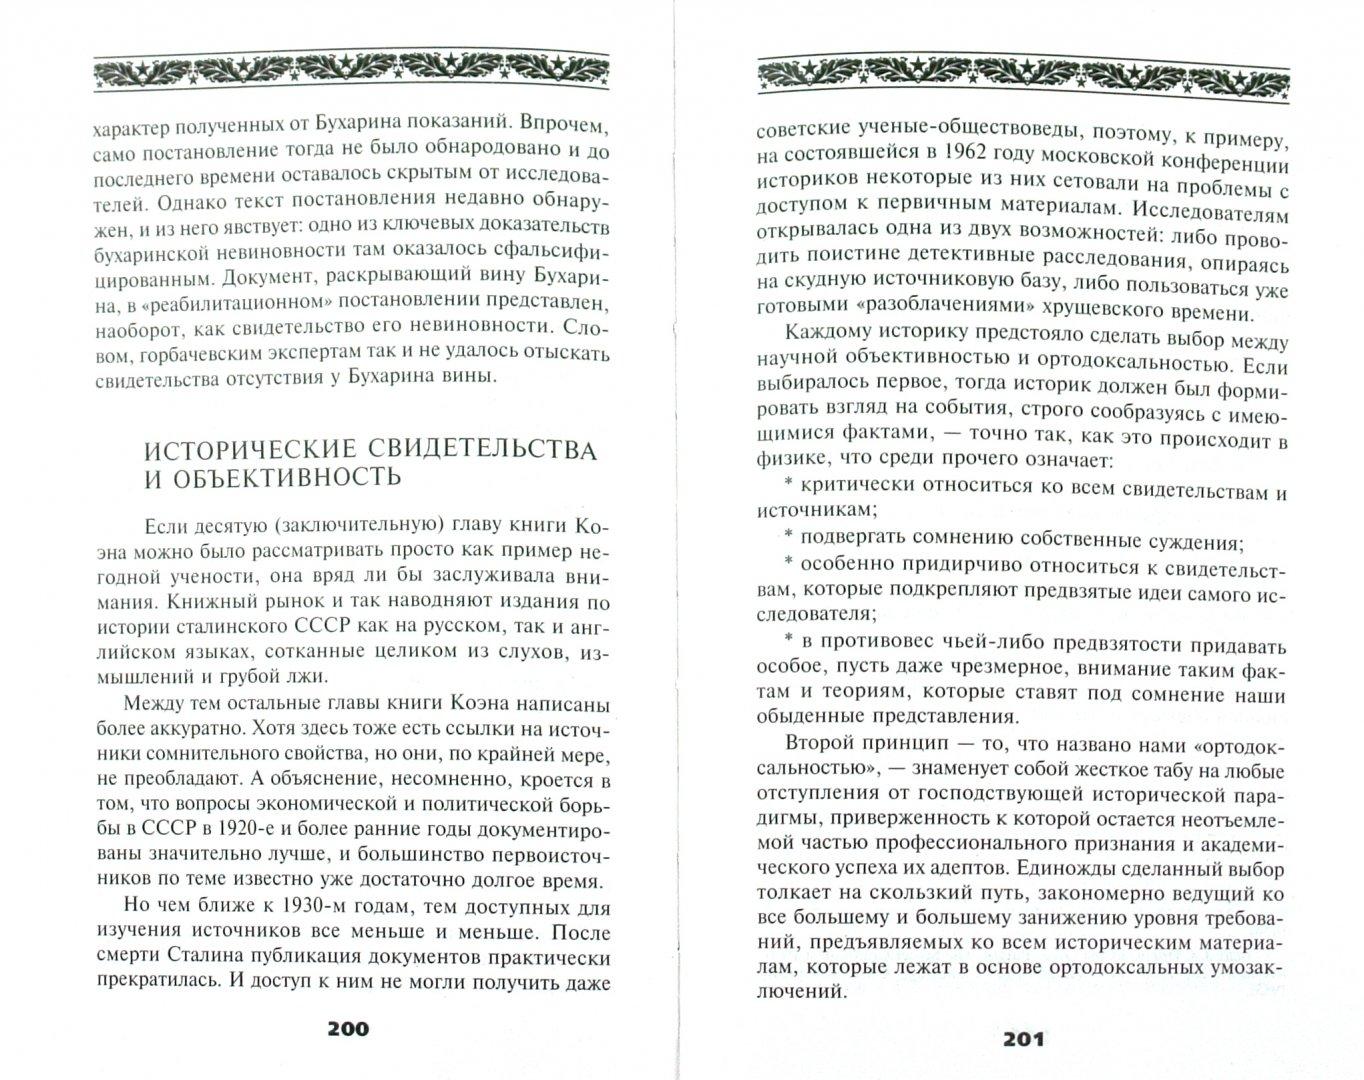 Иллюстрация 1 из 11 для 1937.  Правосудие Сталина. Обжалованию не подлежит! - Ферр, Бобров | Лабиринт - книги. Источник: Лабиринт